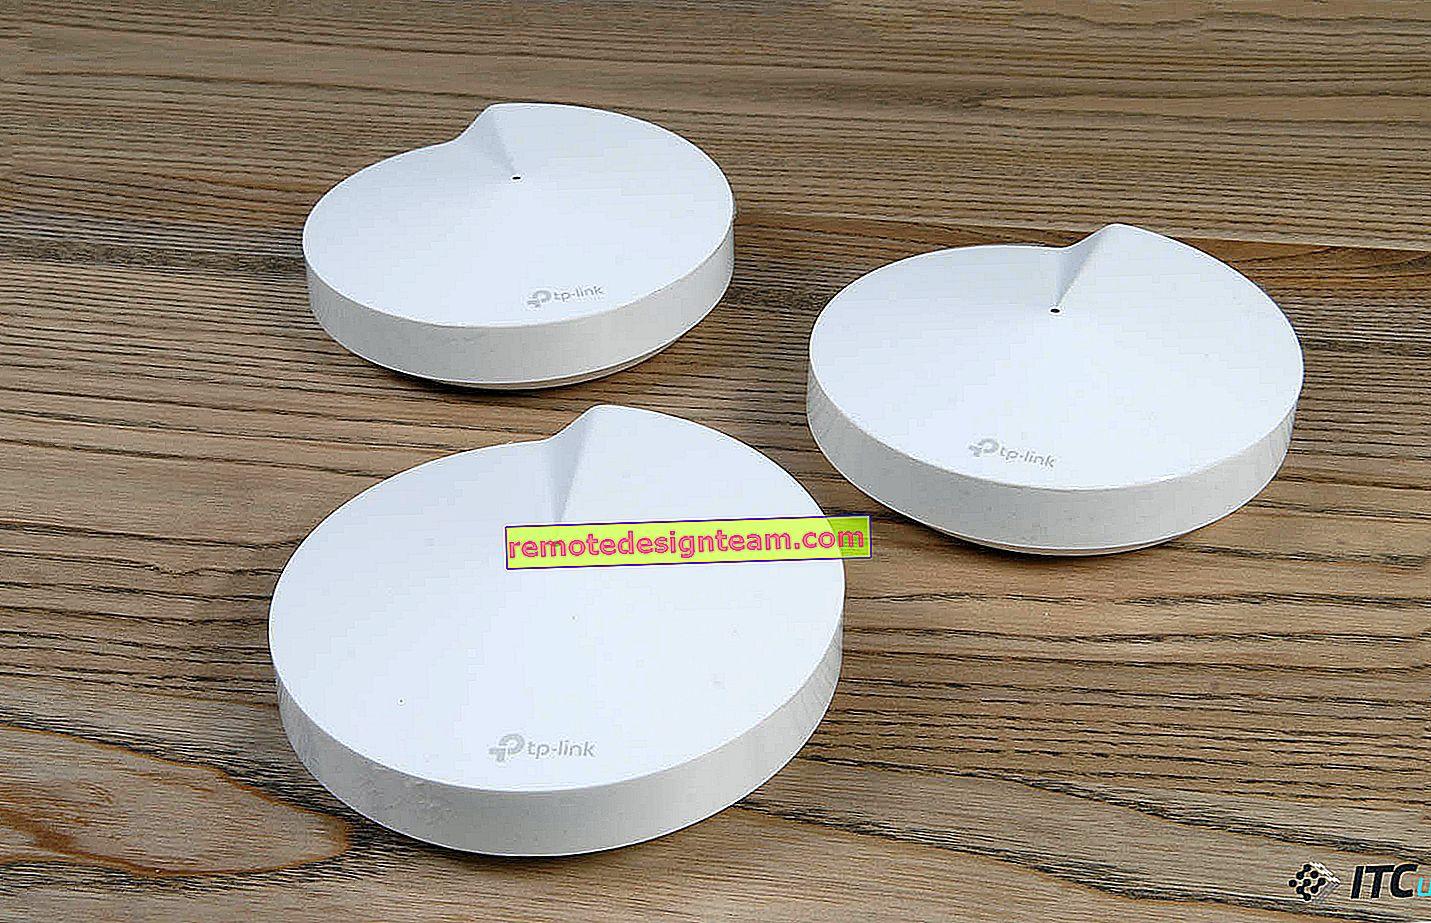 Огляд Mesh Wi-Fi системи TP-Link Deco M5